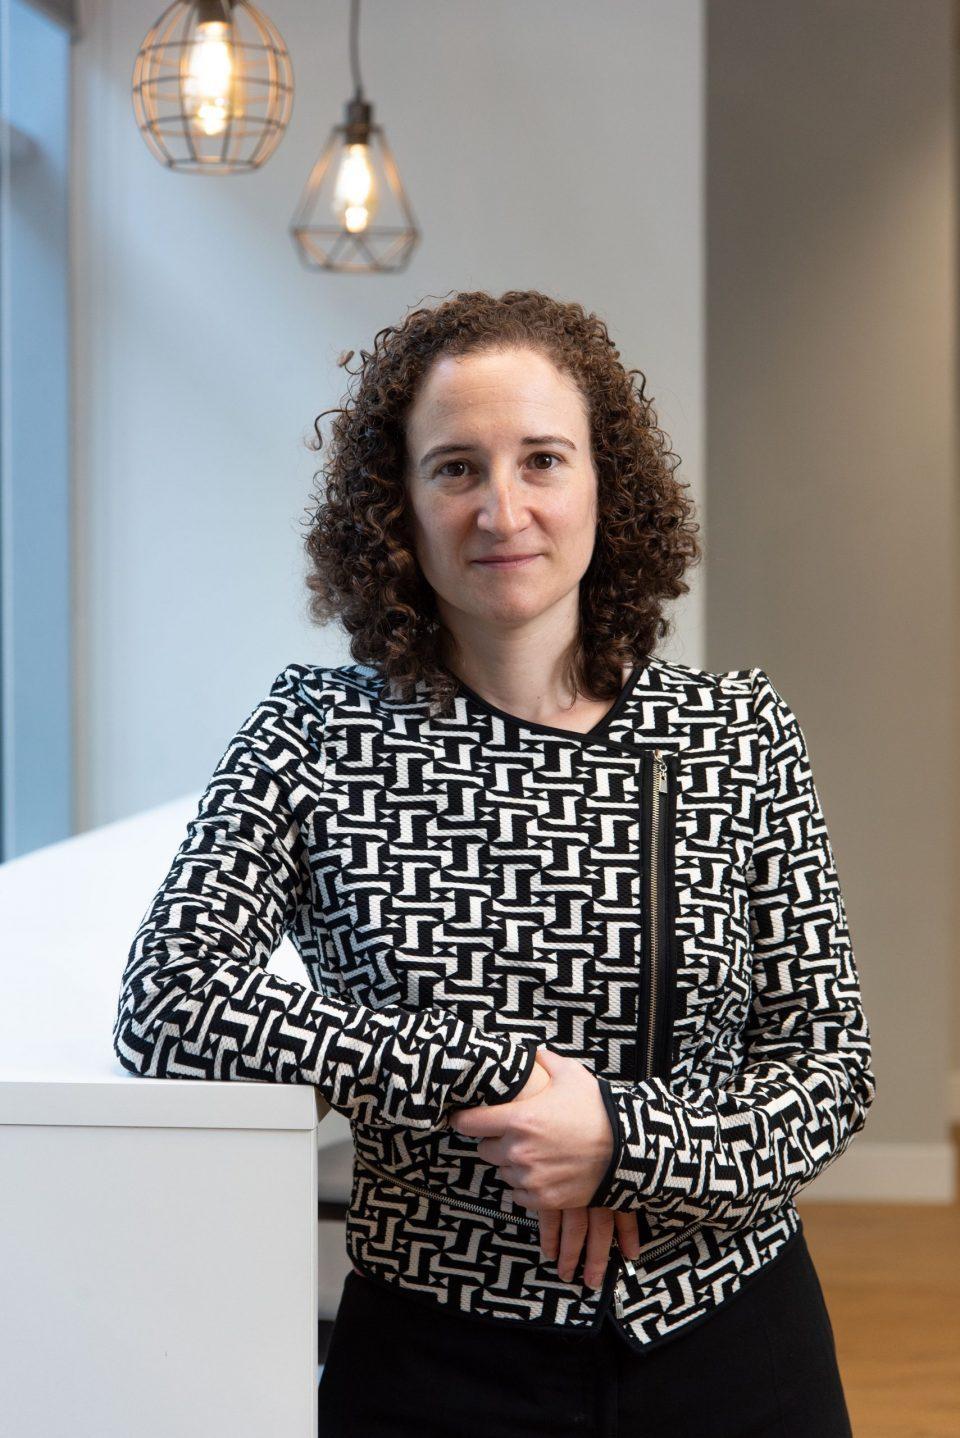 Ciberseguridad, futuro del sector: María Pilar